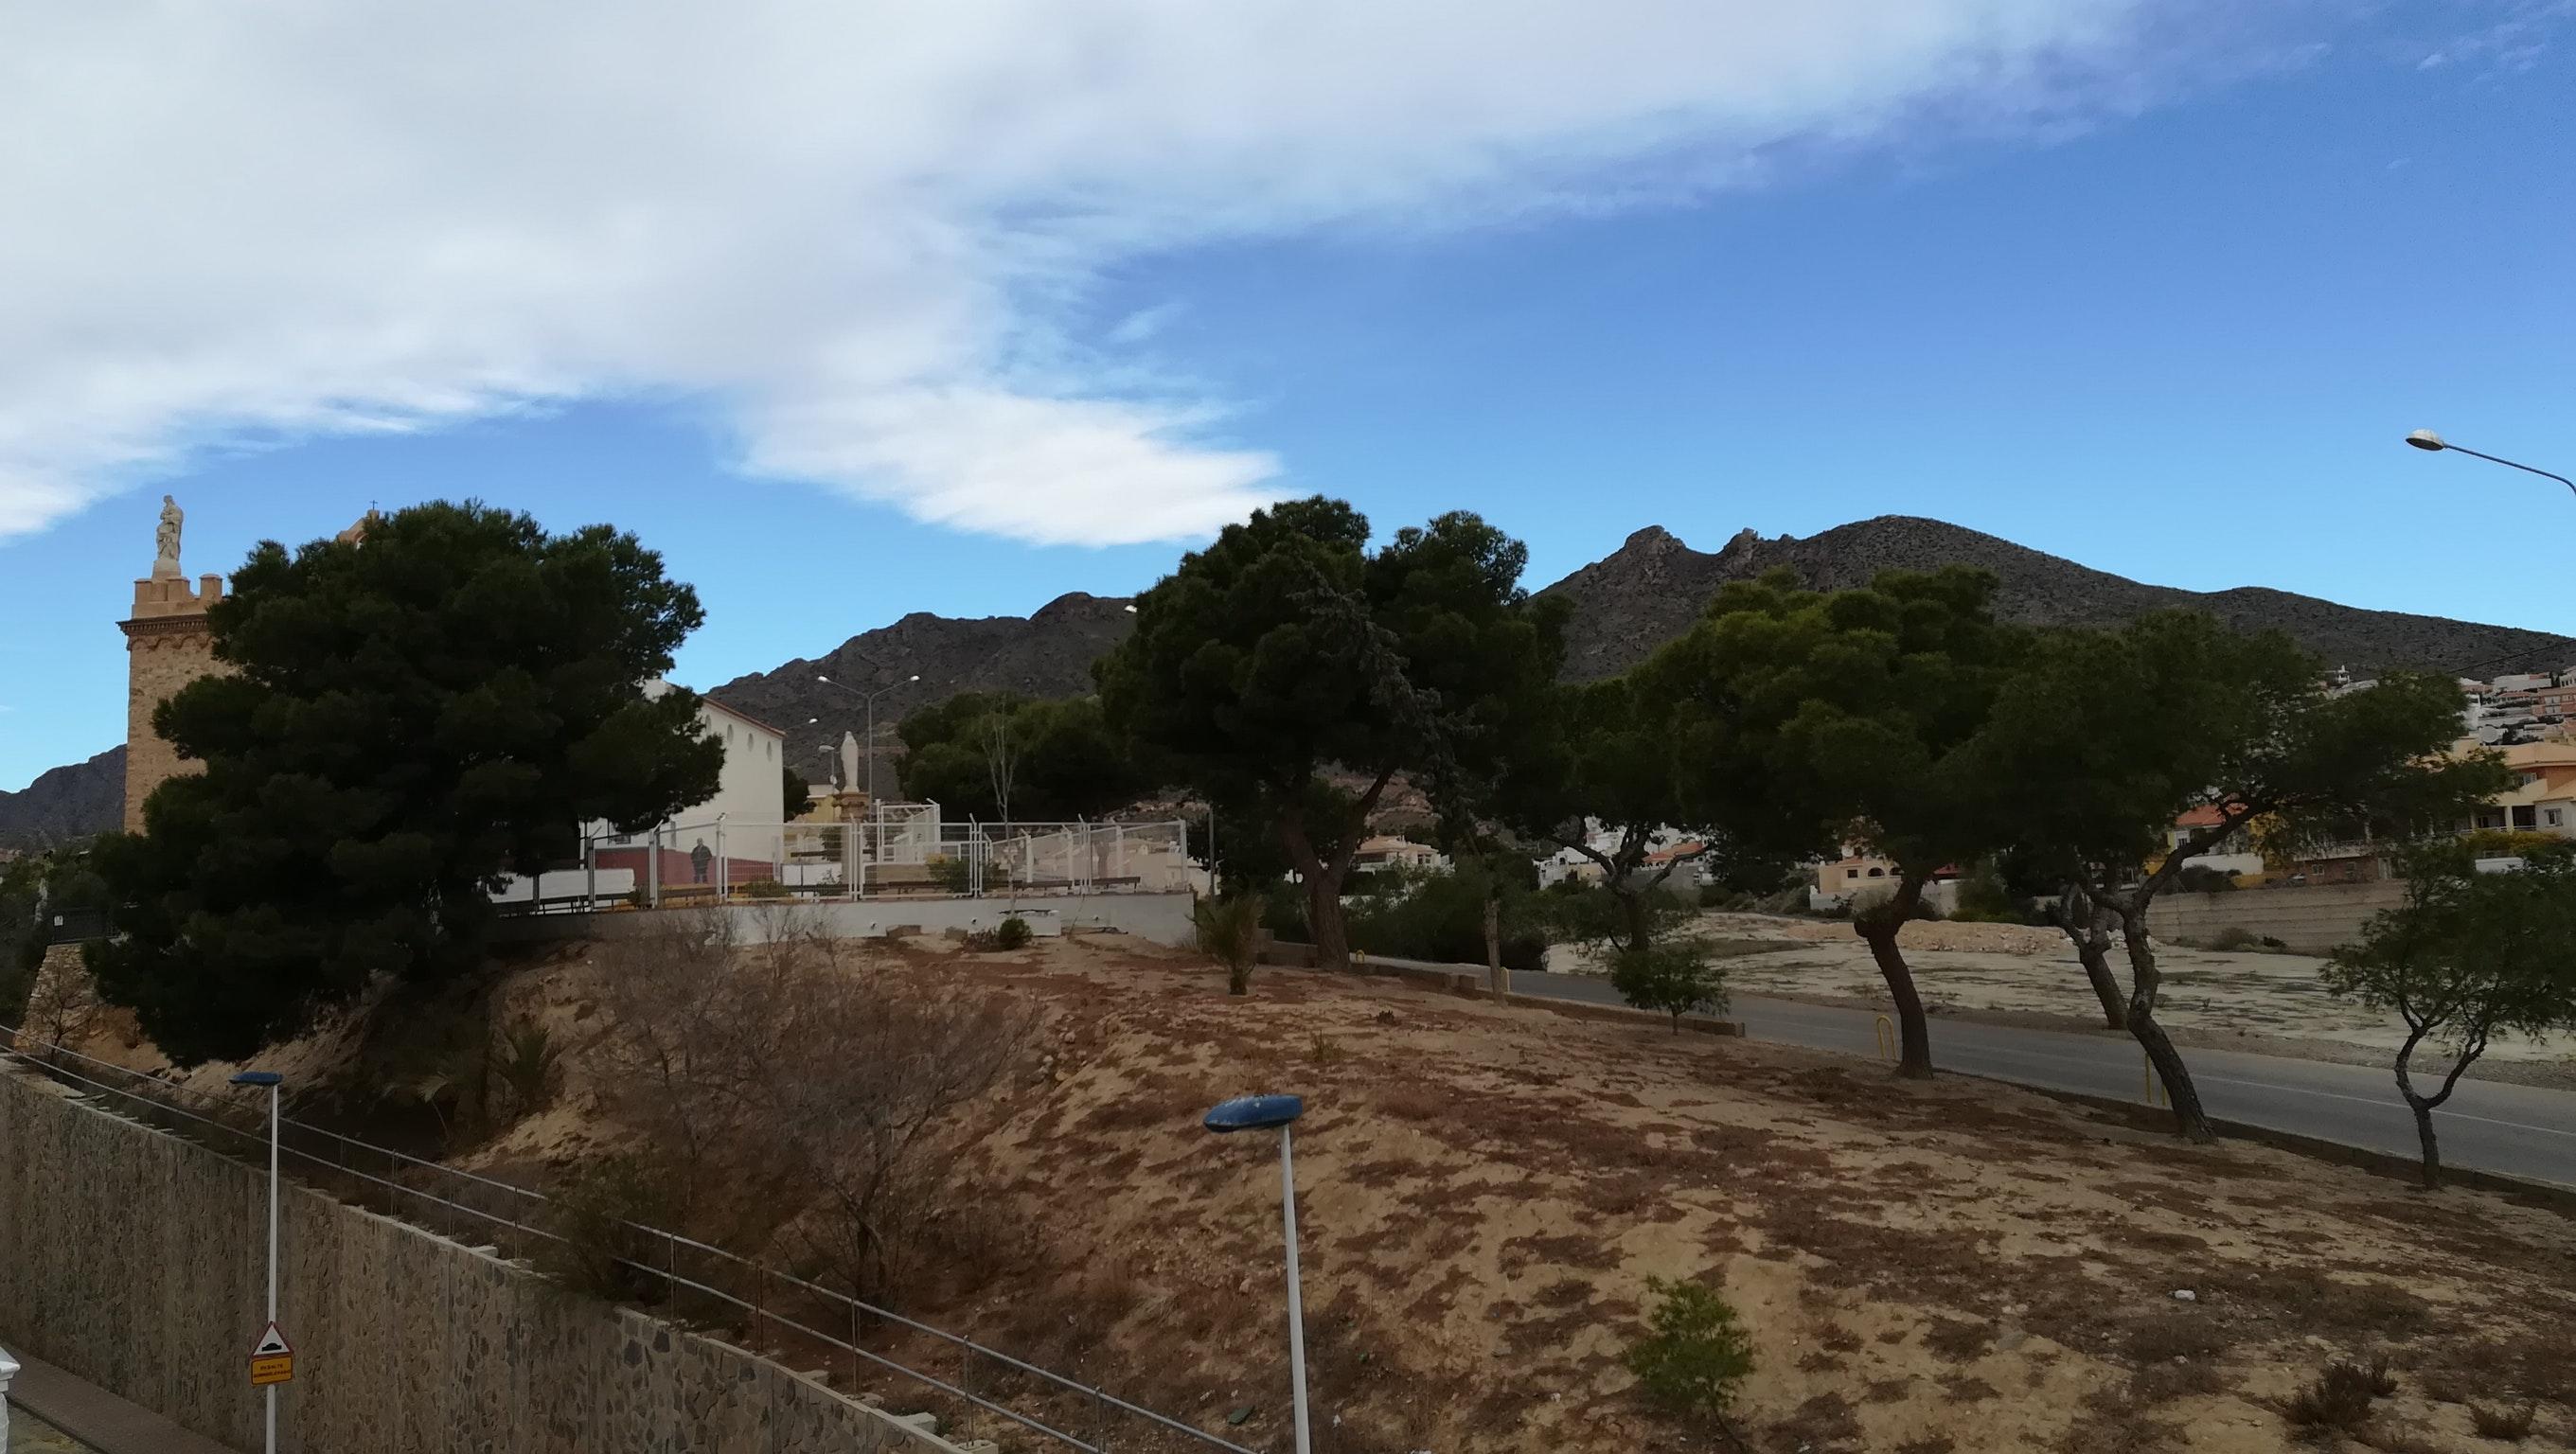 Maison de vacances Villa mit 2 Schlafzimmern in Mazarrón mit toller Aussicht auf die Berge, privatem Pool, ei (2632538), Mazarron, Costa Calida, Murcie, Espagne, image 36